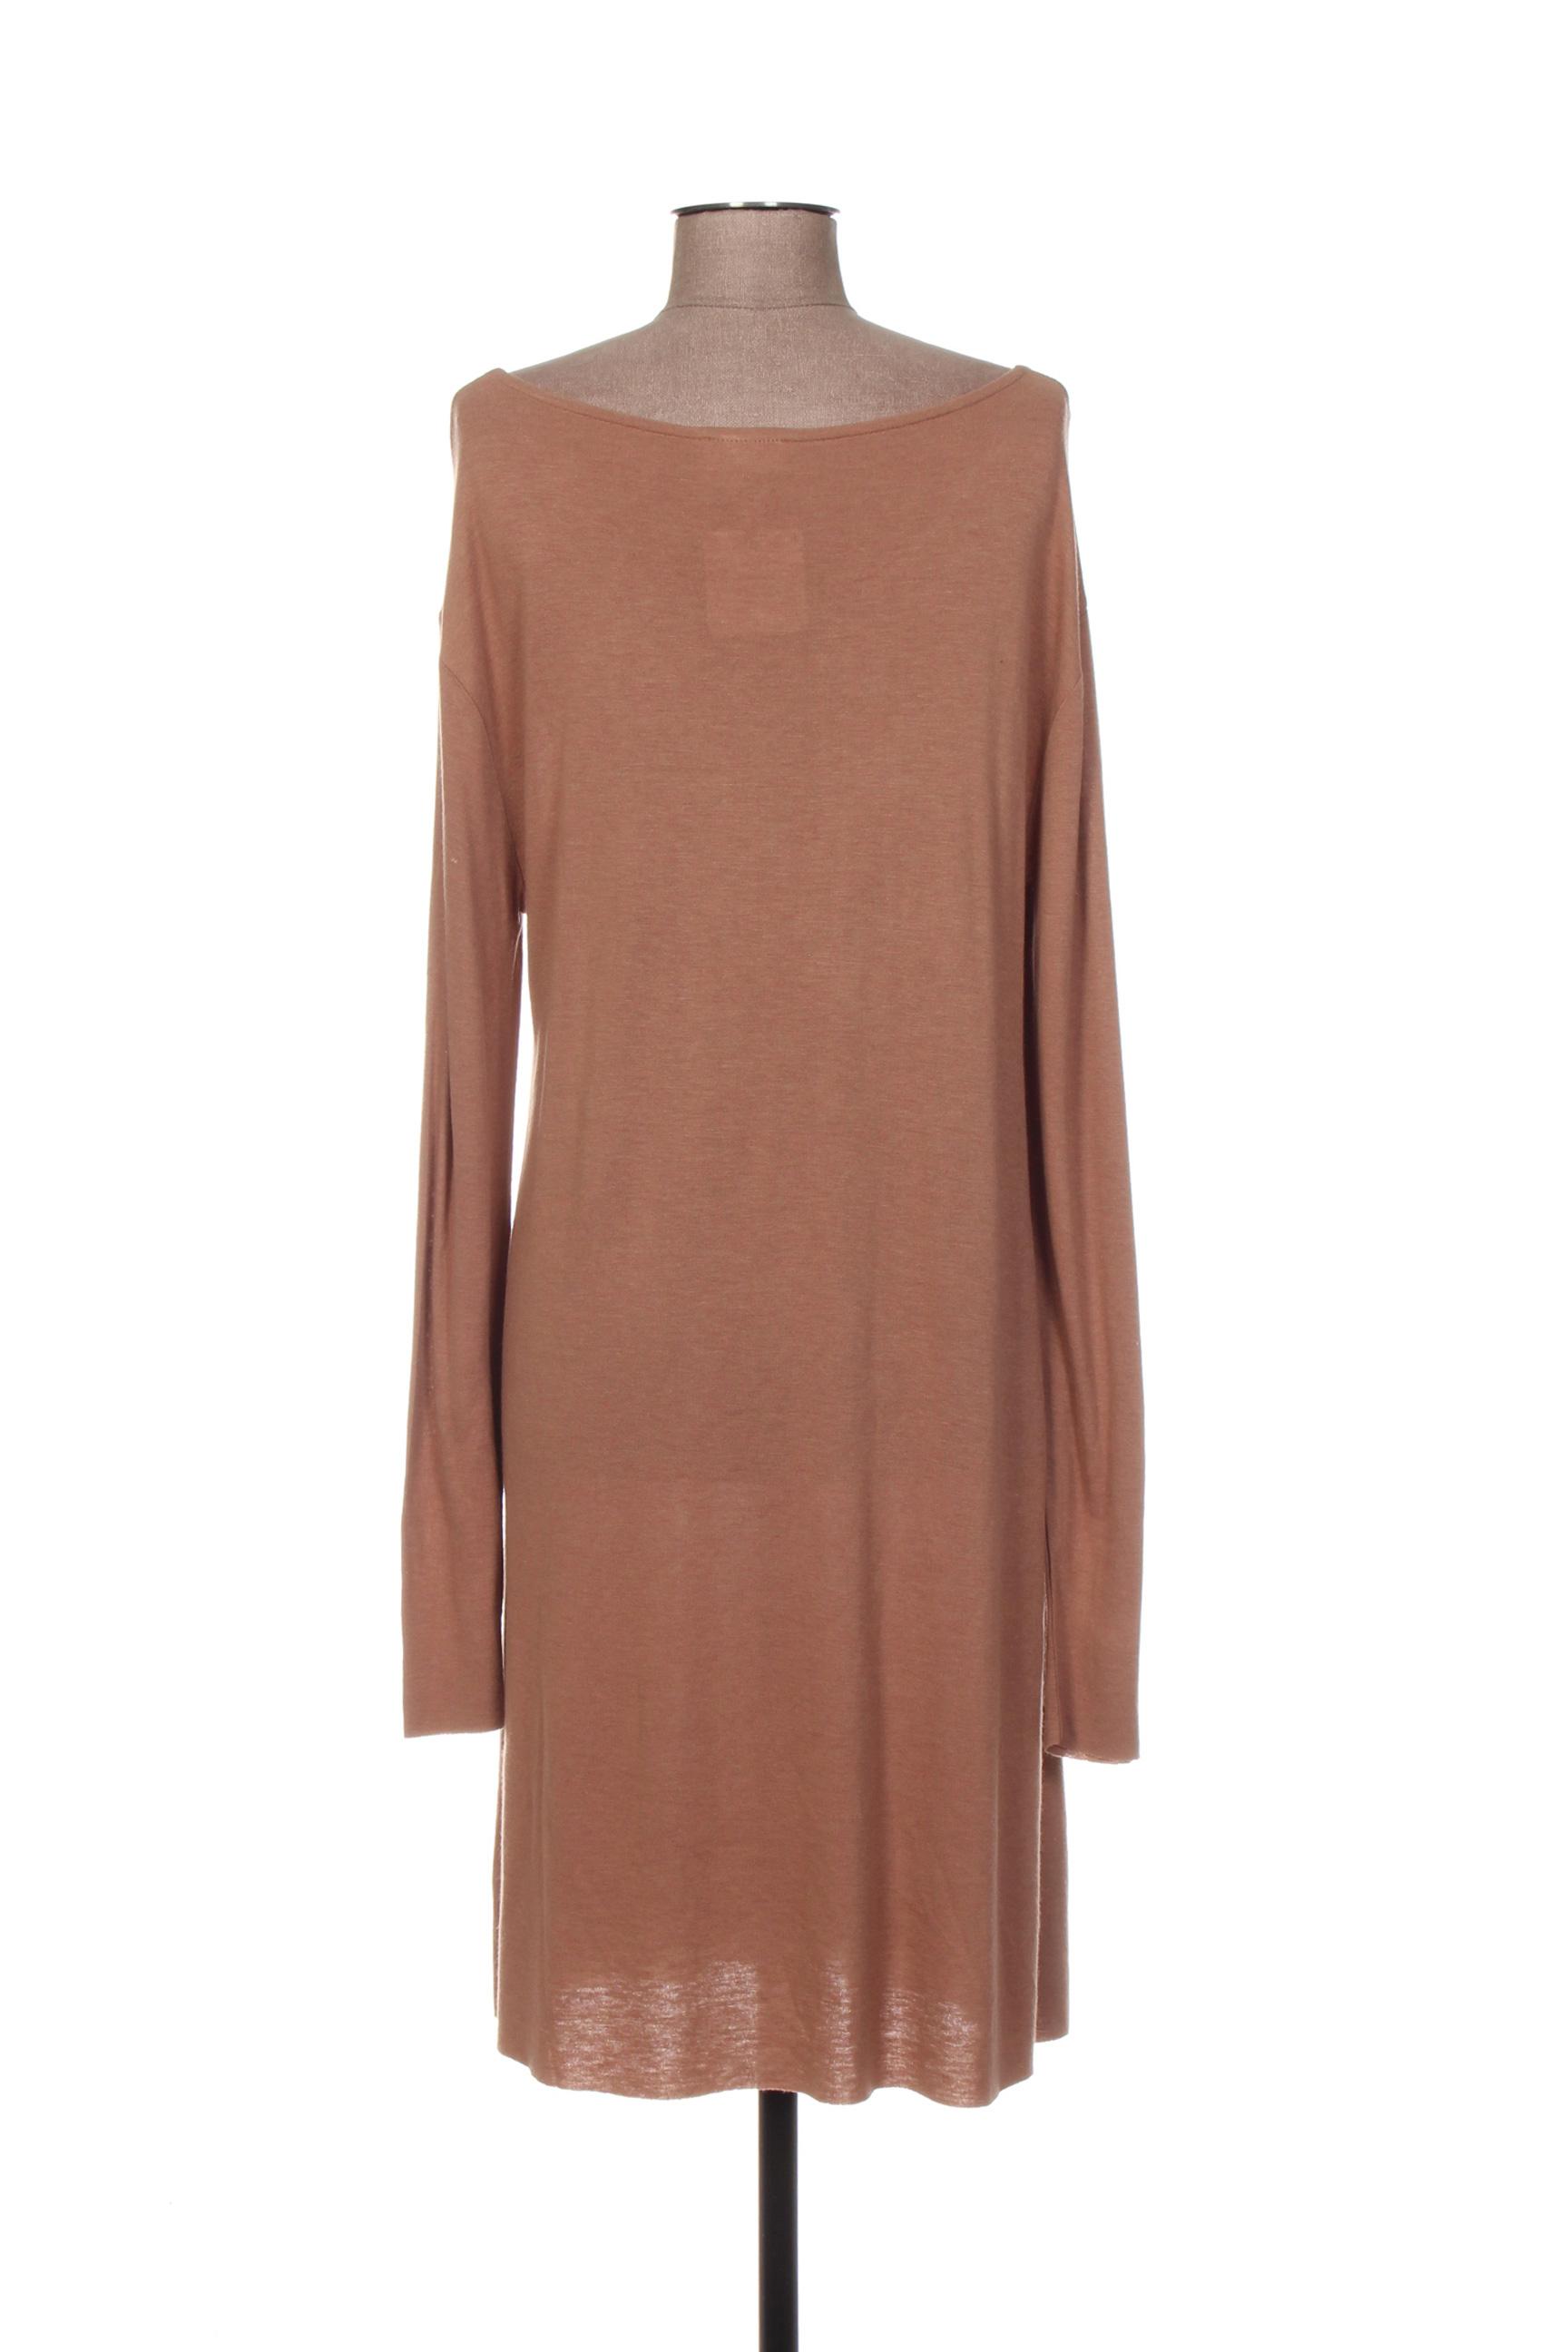 American Vintage Robes Pulls Femme De Couleur Marron En Soldes Pas Cher 1318072-marron